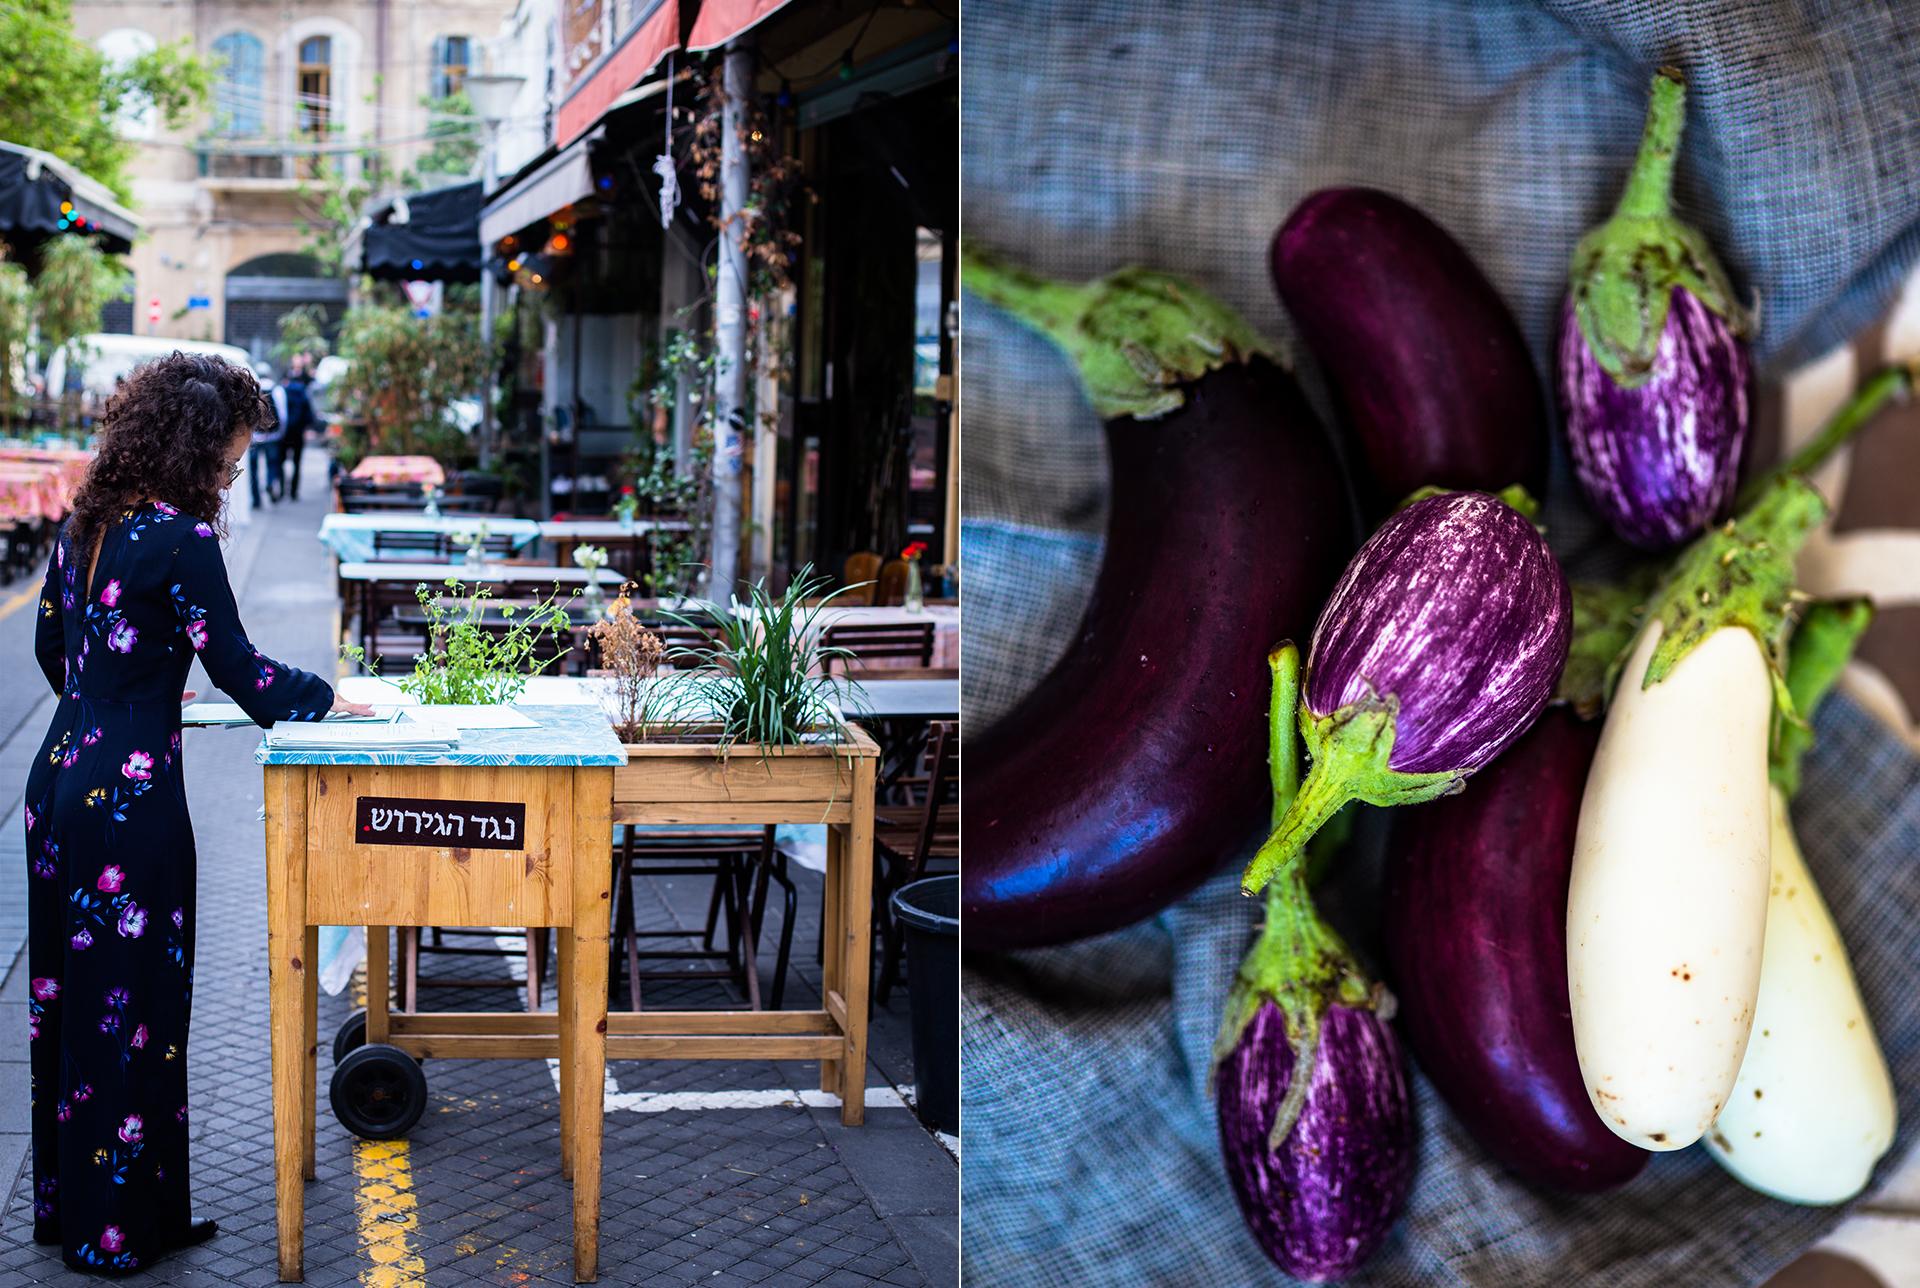 Reportagefotografie - Stillleben verschiedene Auberginensorten. Frau im schwarzen Jumpsuit vor einem Lokal im Jaffa Fleamarket in TelAviv